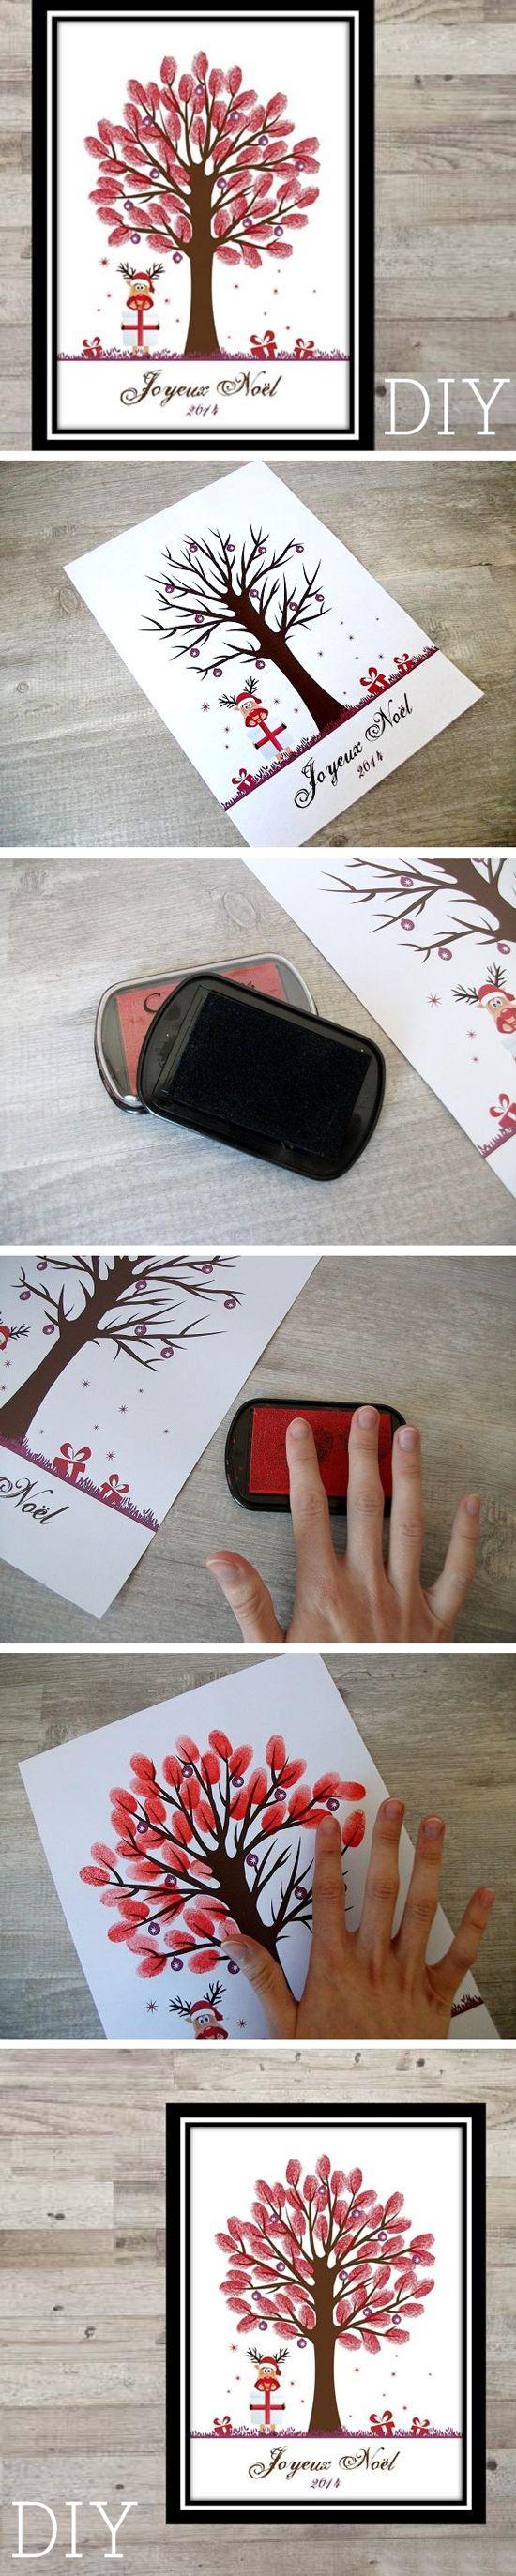 idée de cadeau DIY : Réalisez un arbre à empreinte à offrir aux parents/grands parents !